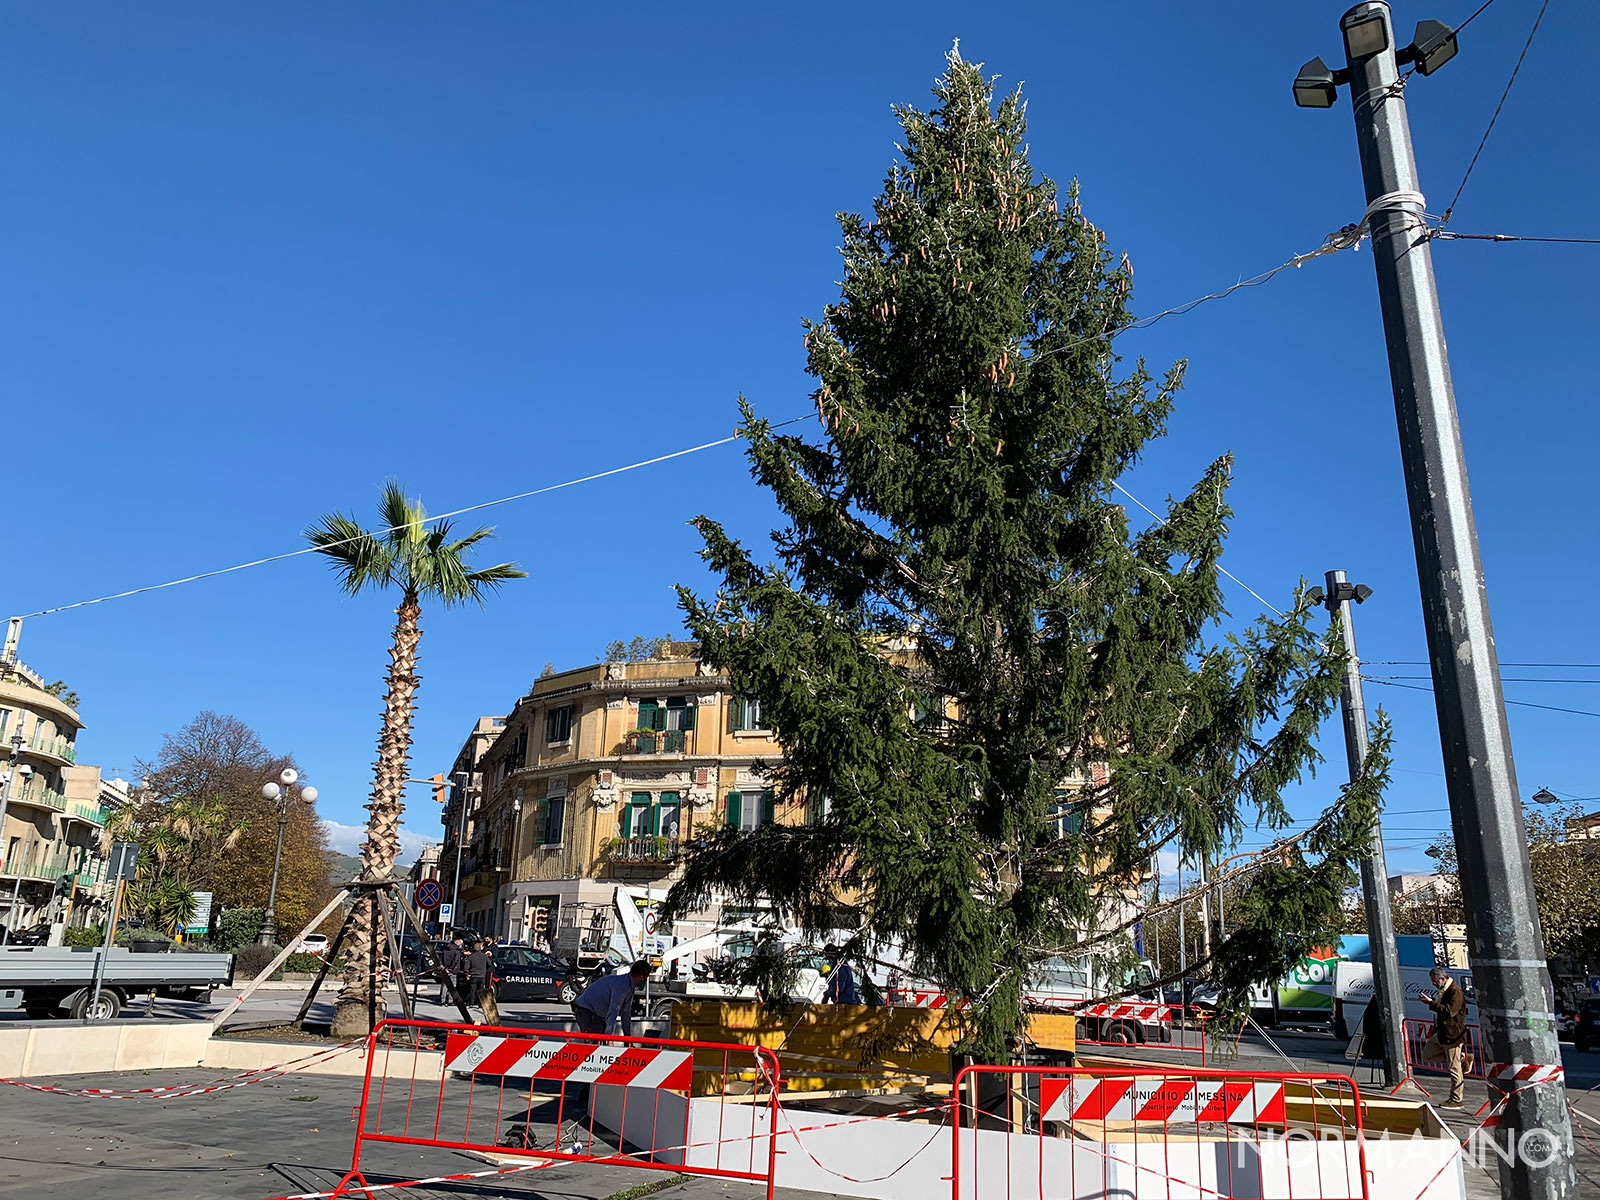 natale a messina, allestimento a piazza cairoli: albero